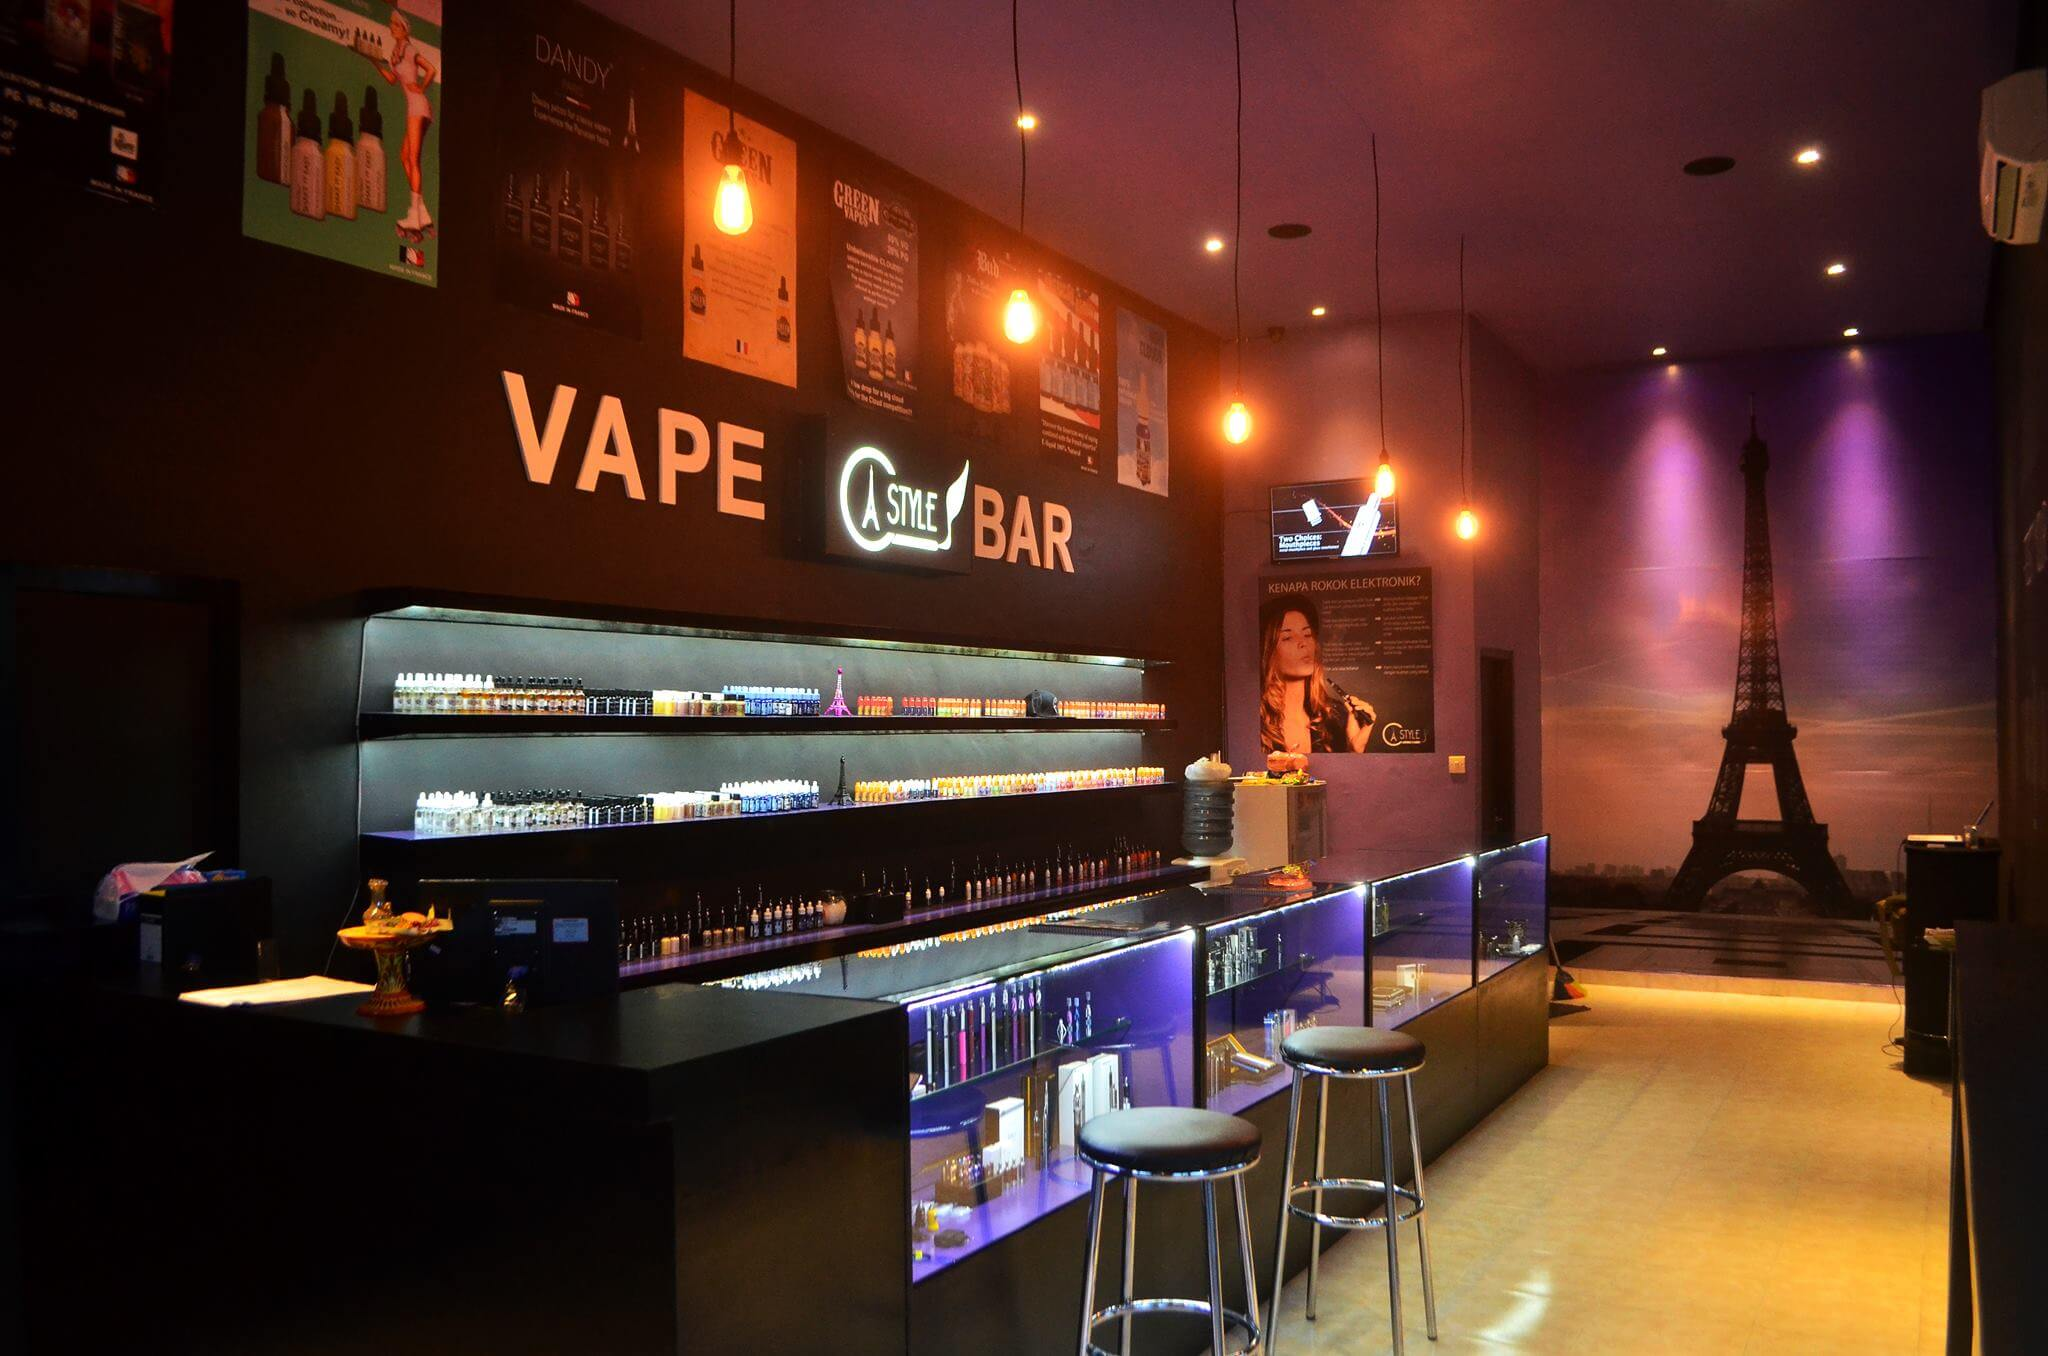 Cstyle Indonesia - Vape Store - Kerobokan, Bali